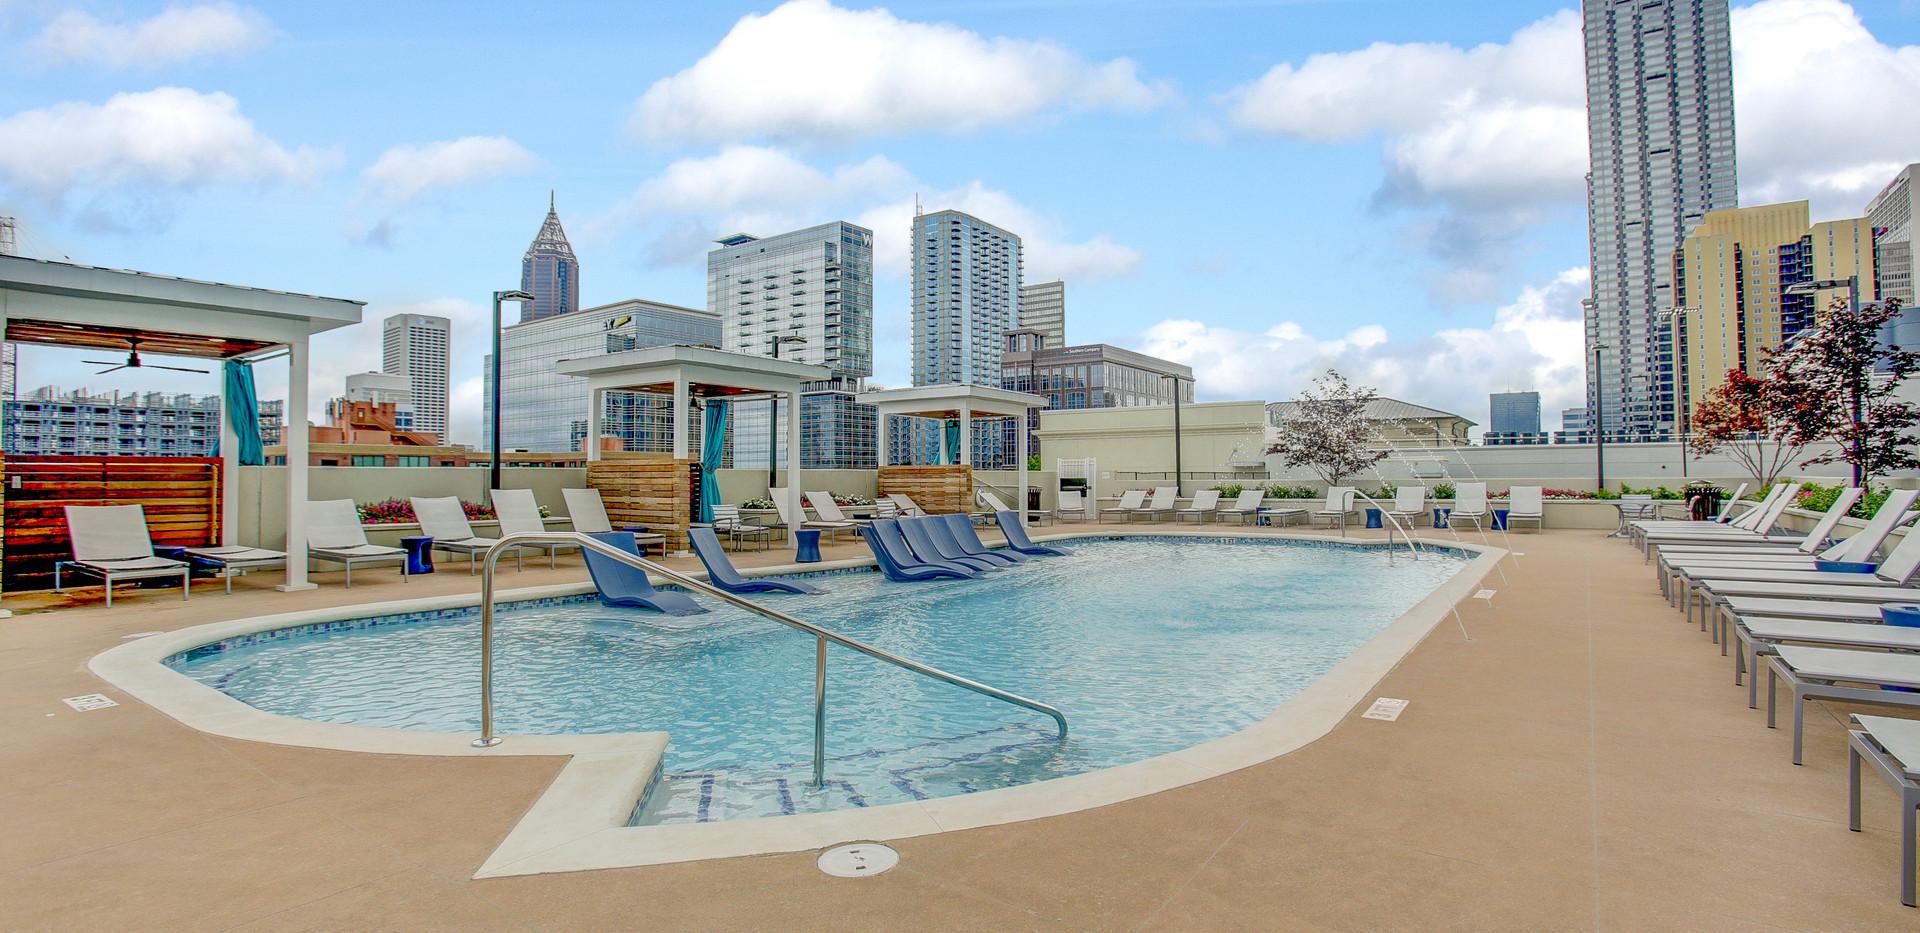 Mbowam-Downtown-Atlanta--0001-7.JPG